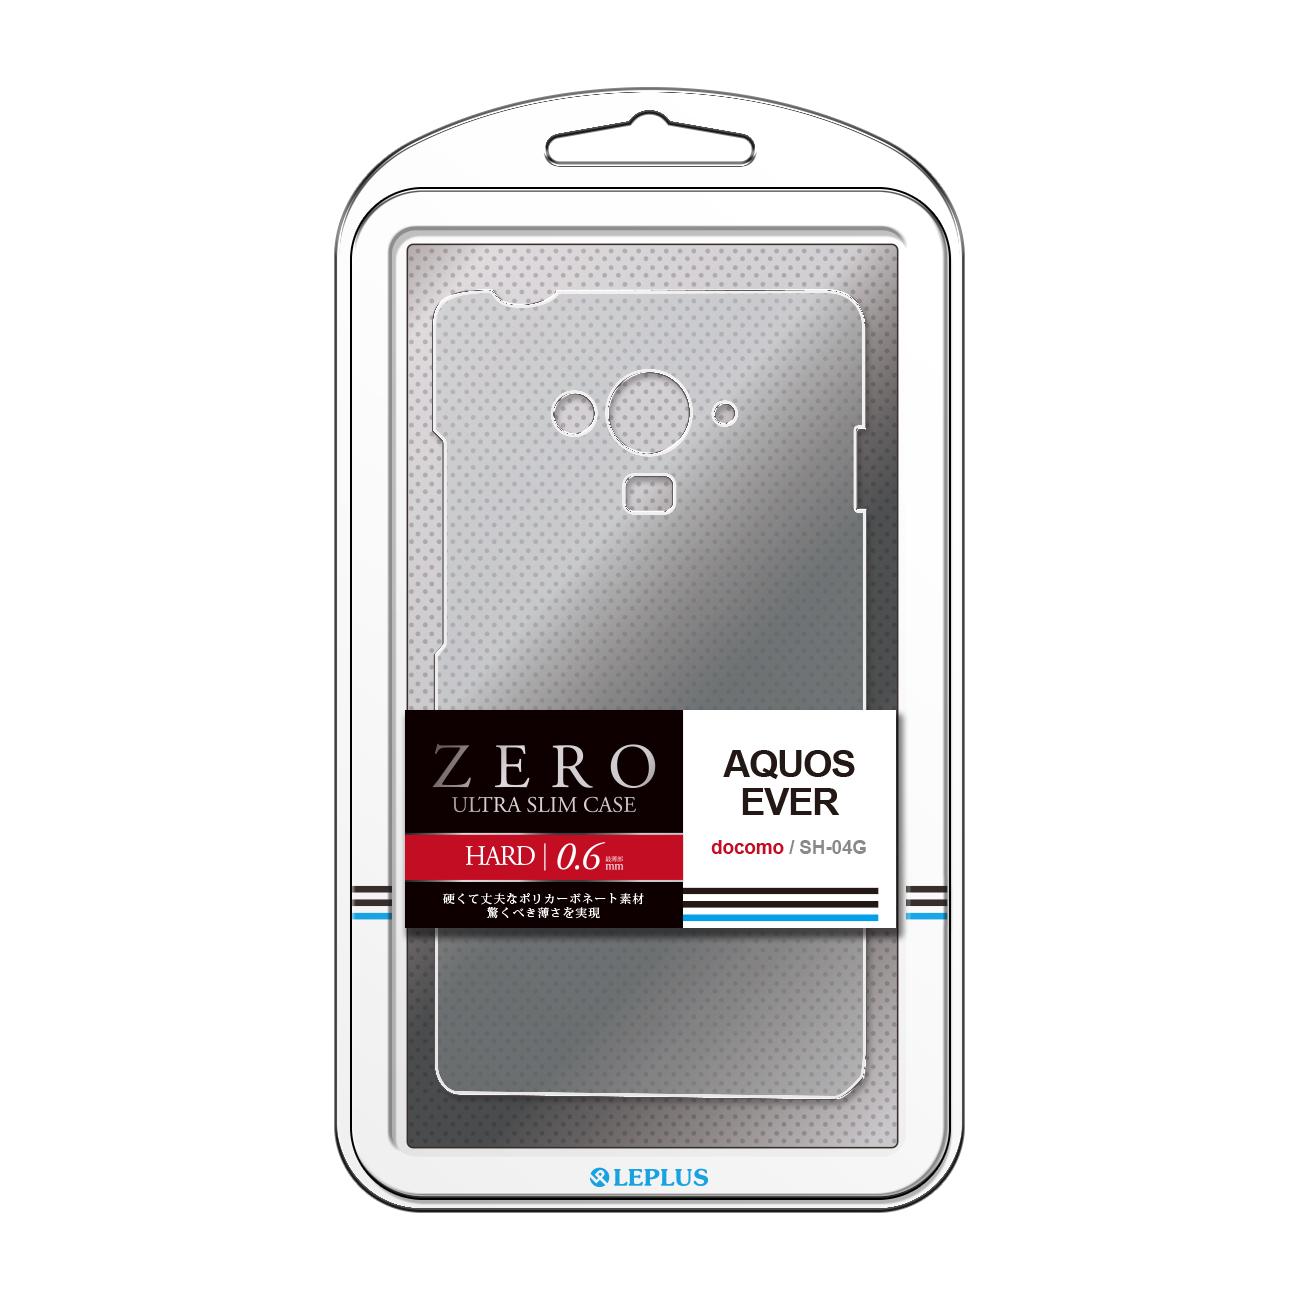 AQUOS EVER SH-04G 超極薄ハードケース「ZERO HARD」 クリア